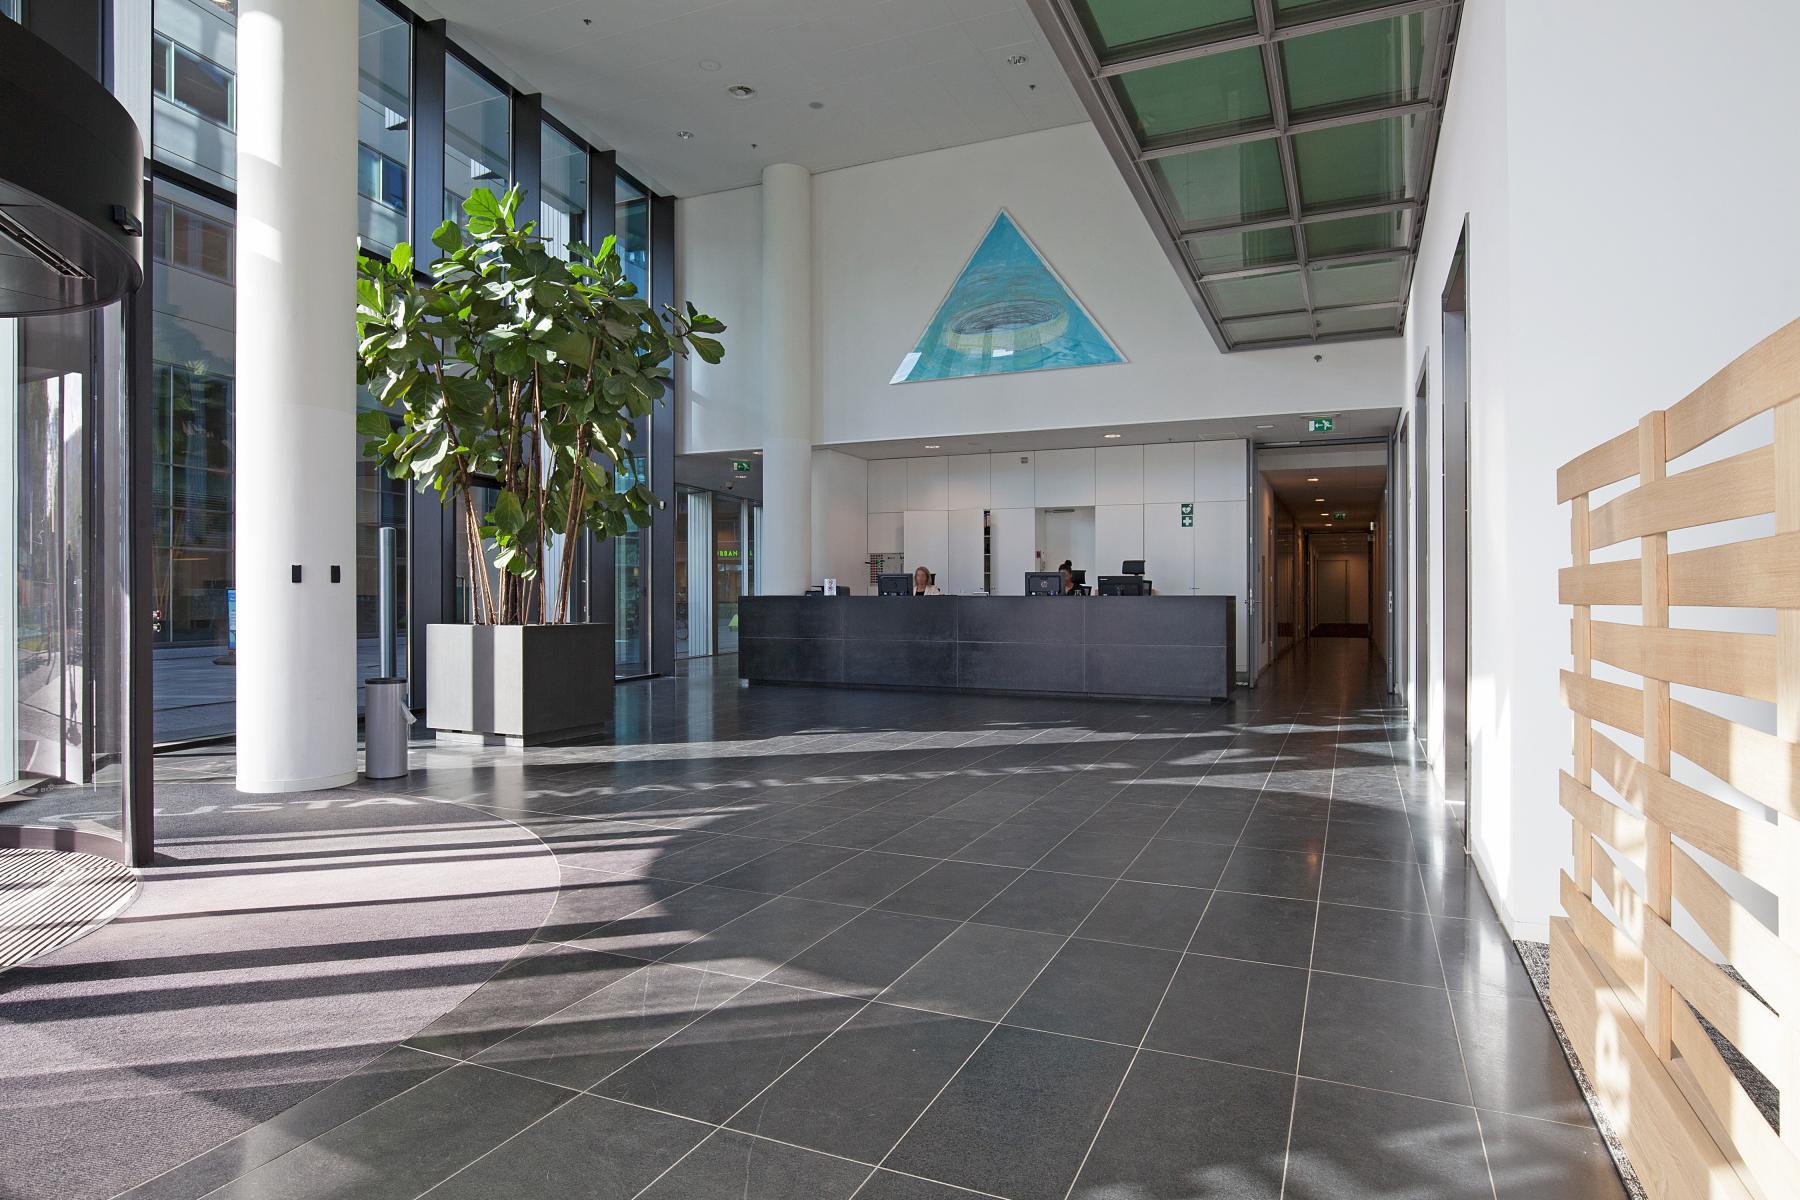 receptie balie kantoorpand kantoorgebouw Amsterdam